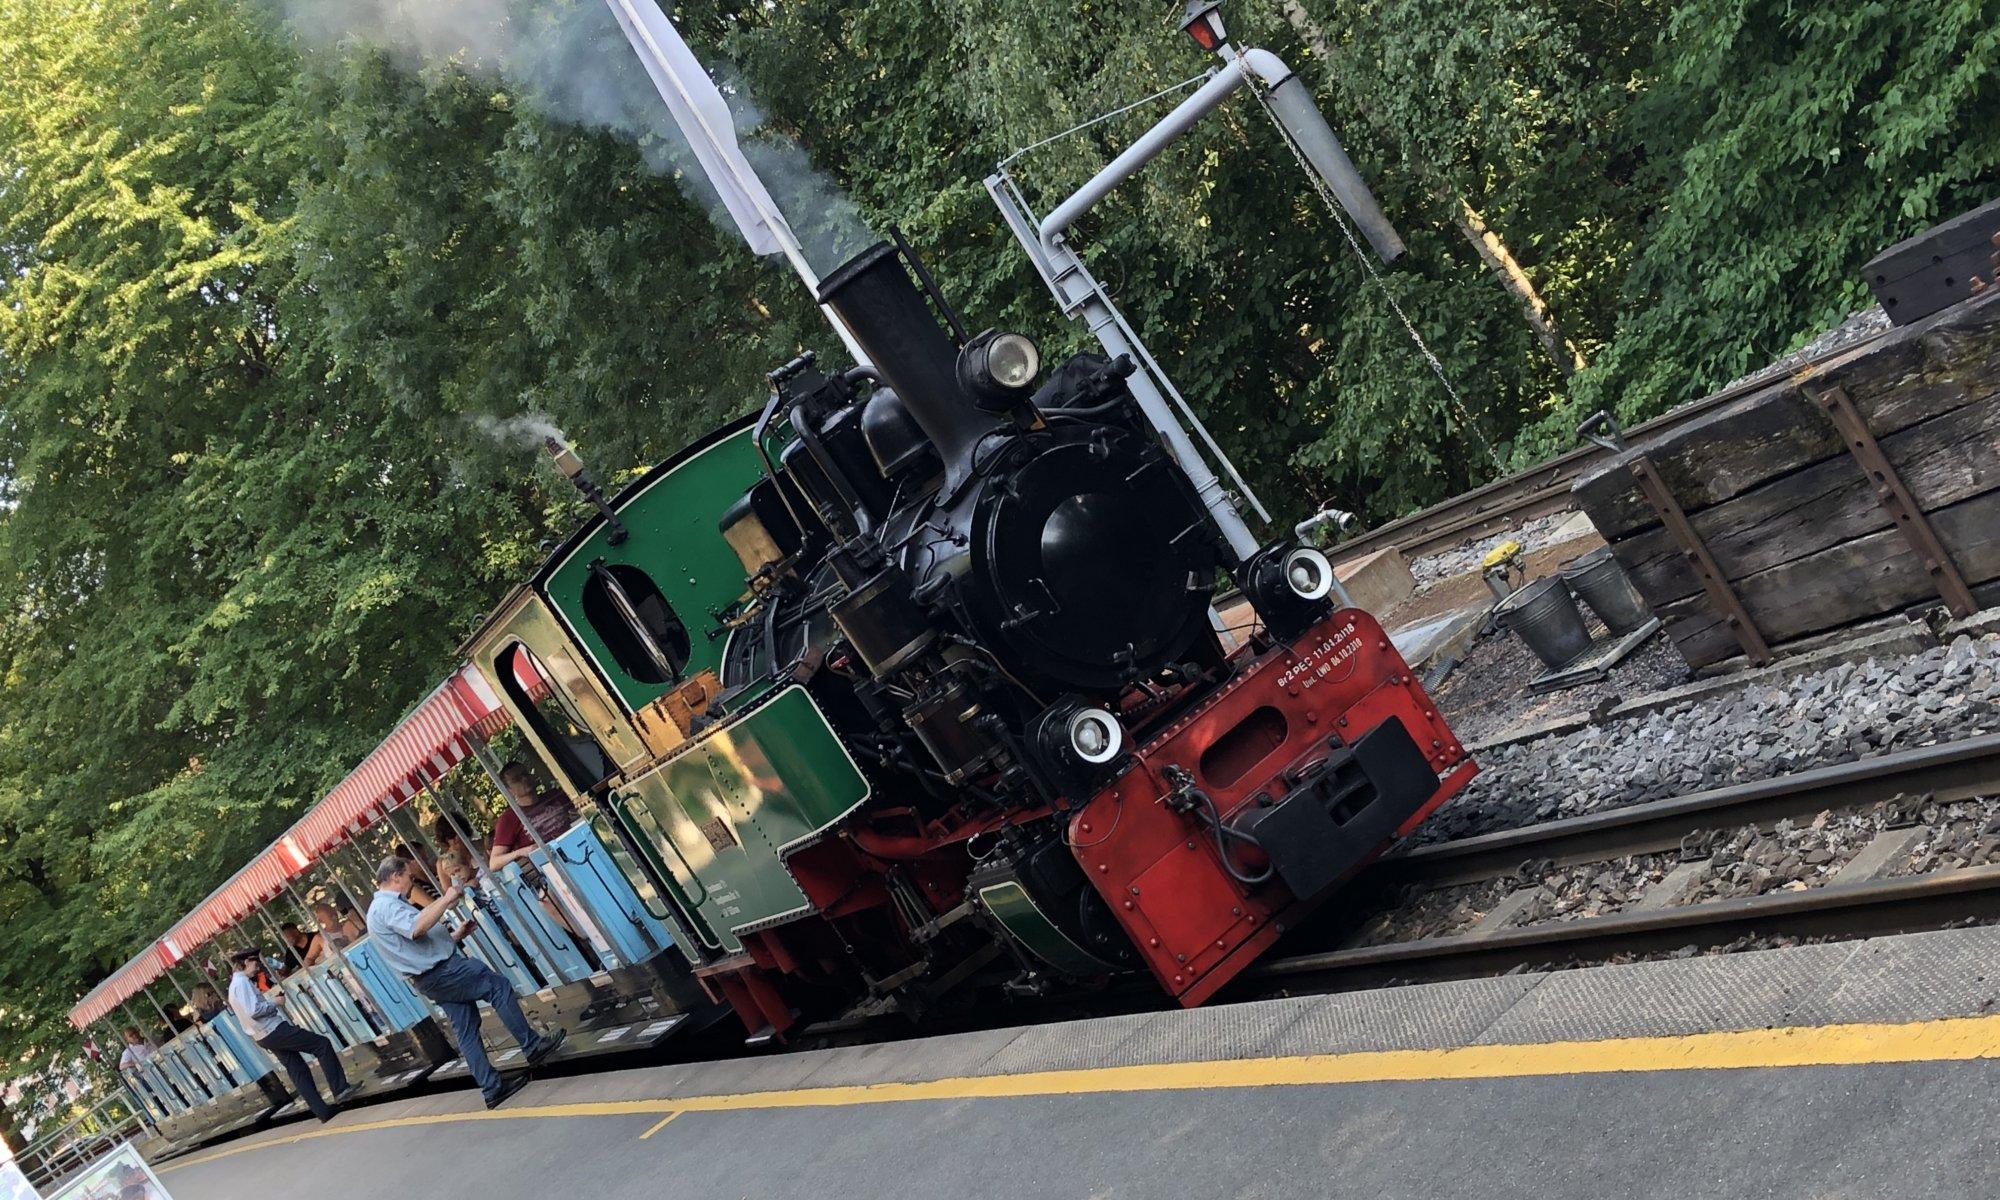 Parkeisenbahn, Chemnitz